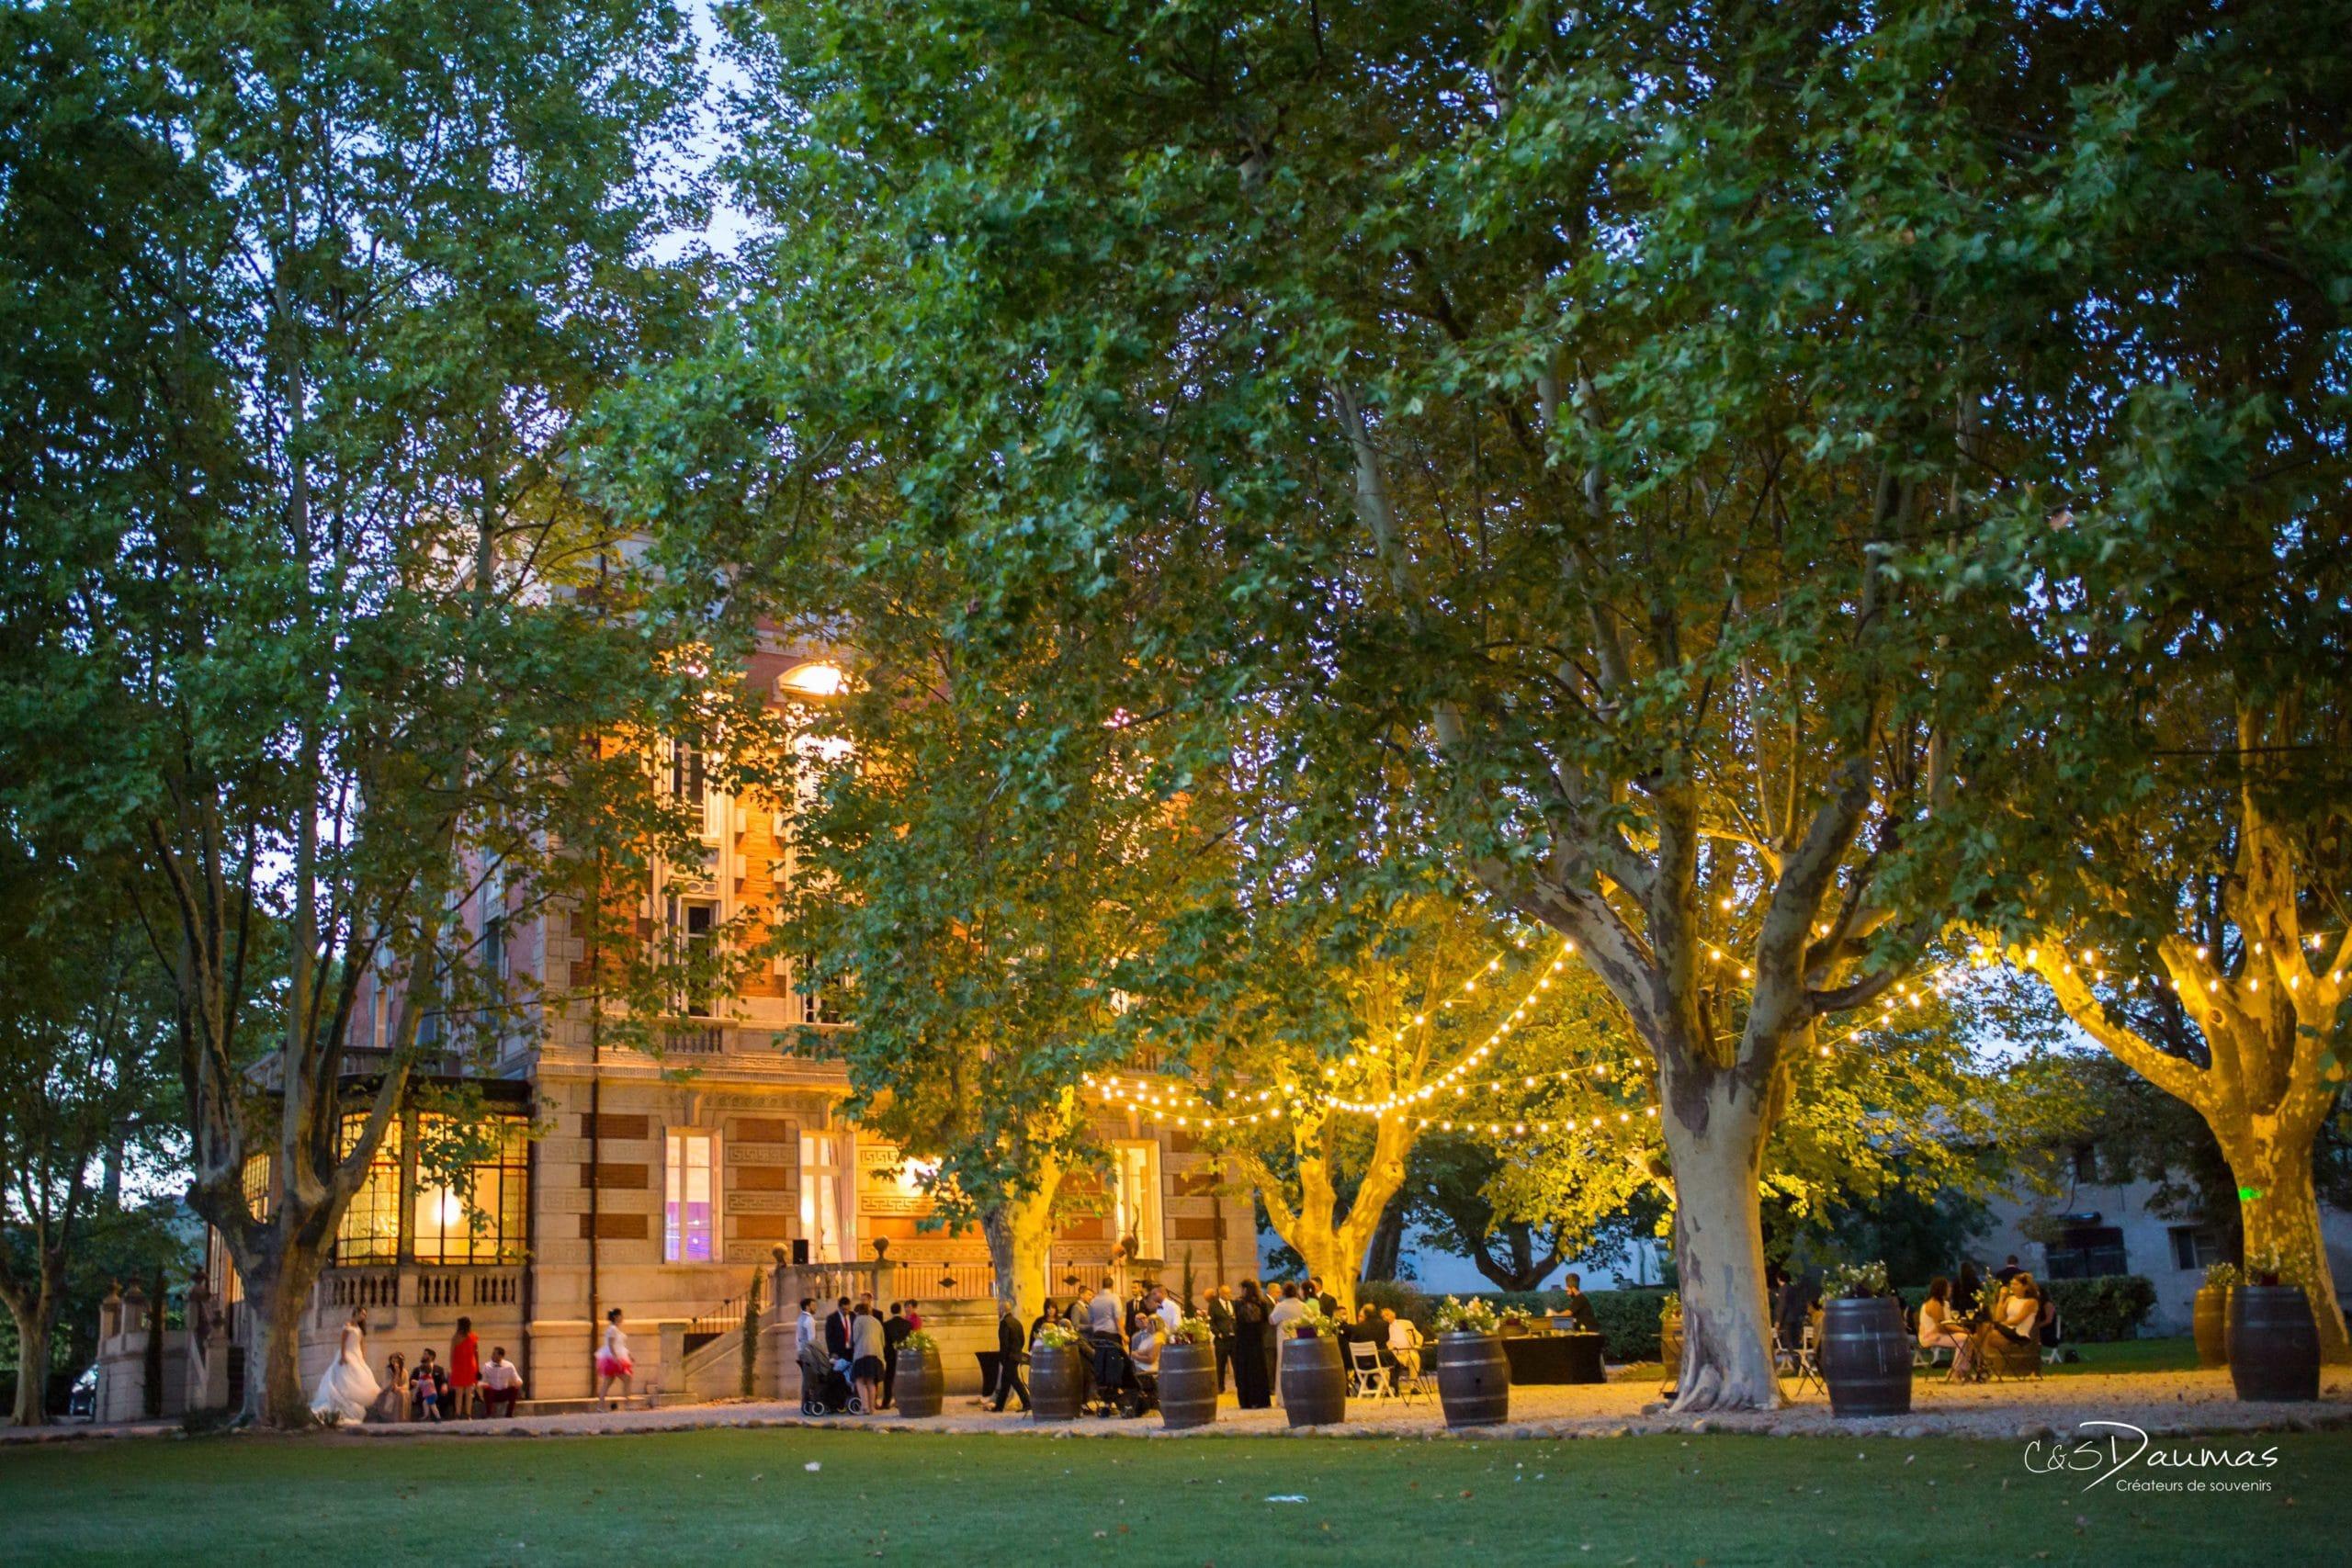 parc-lumieres-guinguettes-chateau-soiree-lieu-reception-mariage-evenement-13-salon-aix-marseille